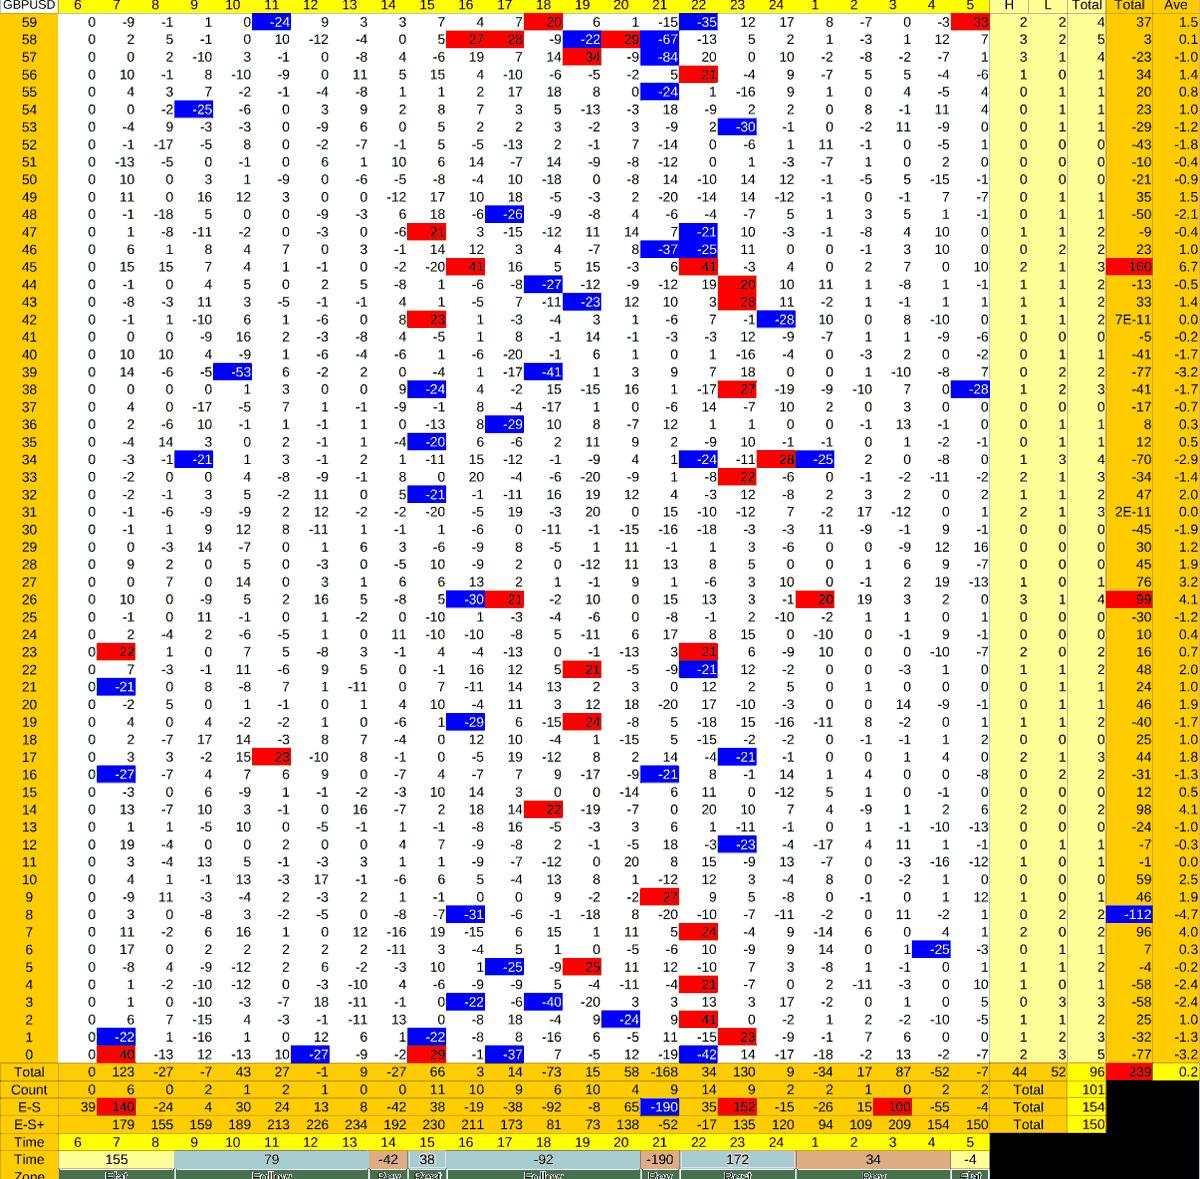 20210830_HS(2)GBPUSD-min